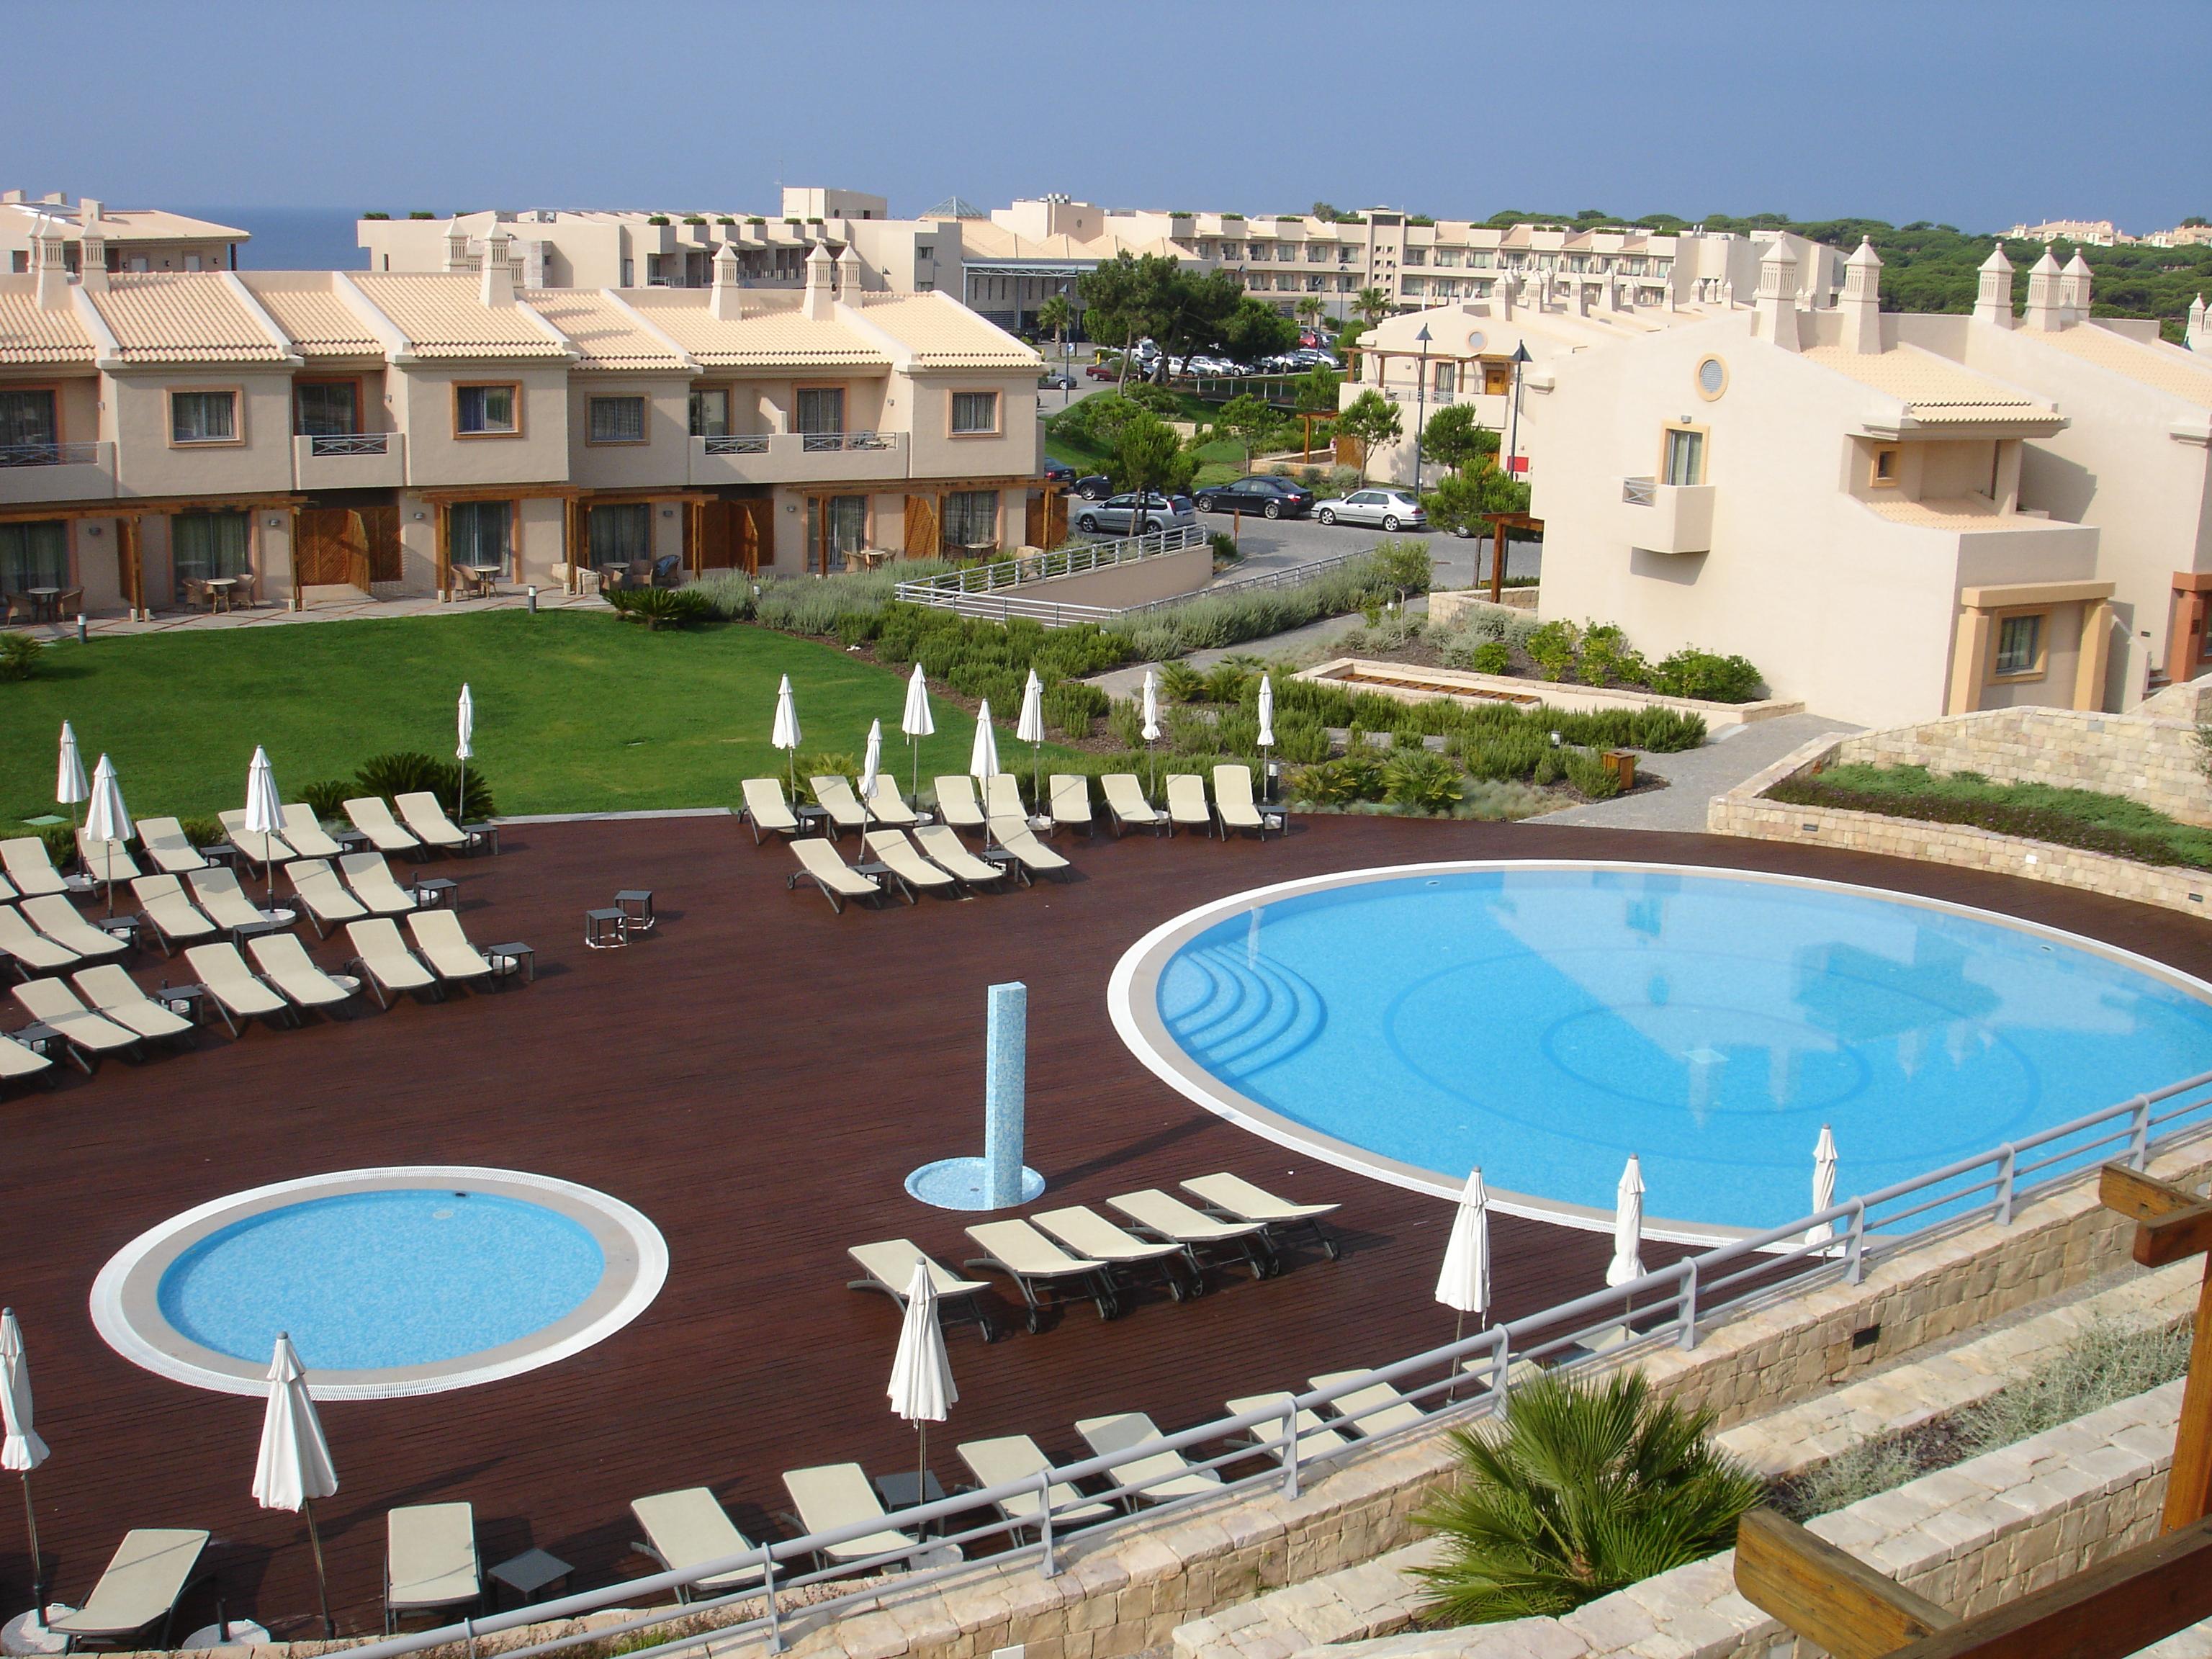 Santa Eulalia Hotel And Spa